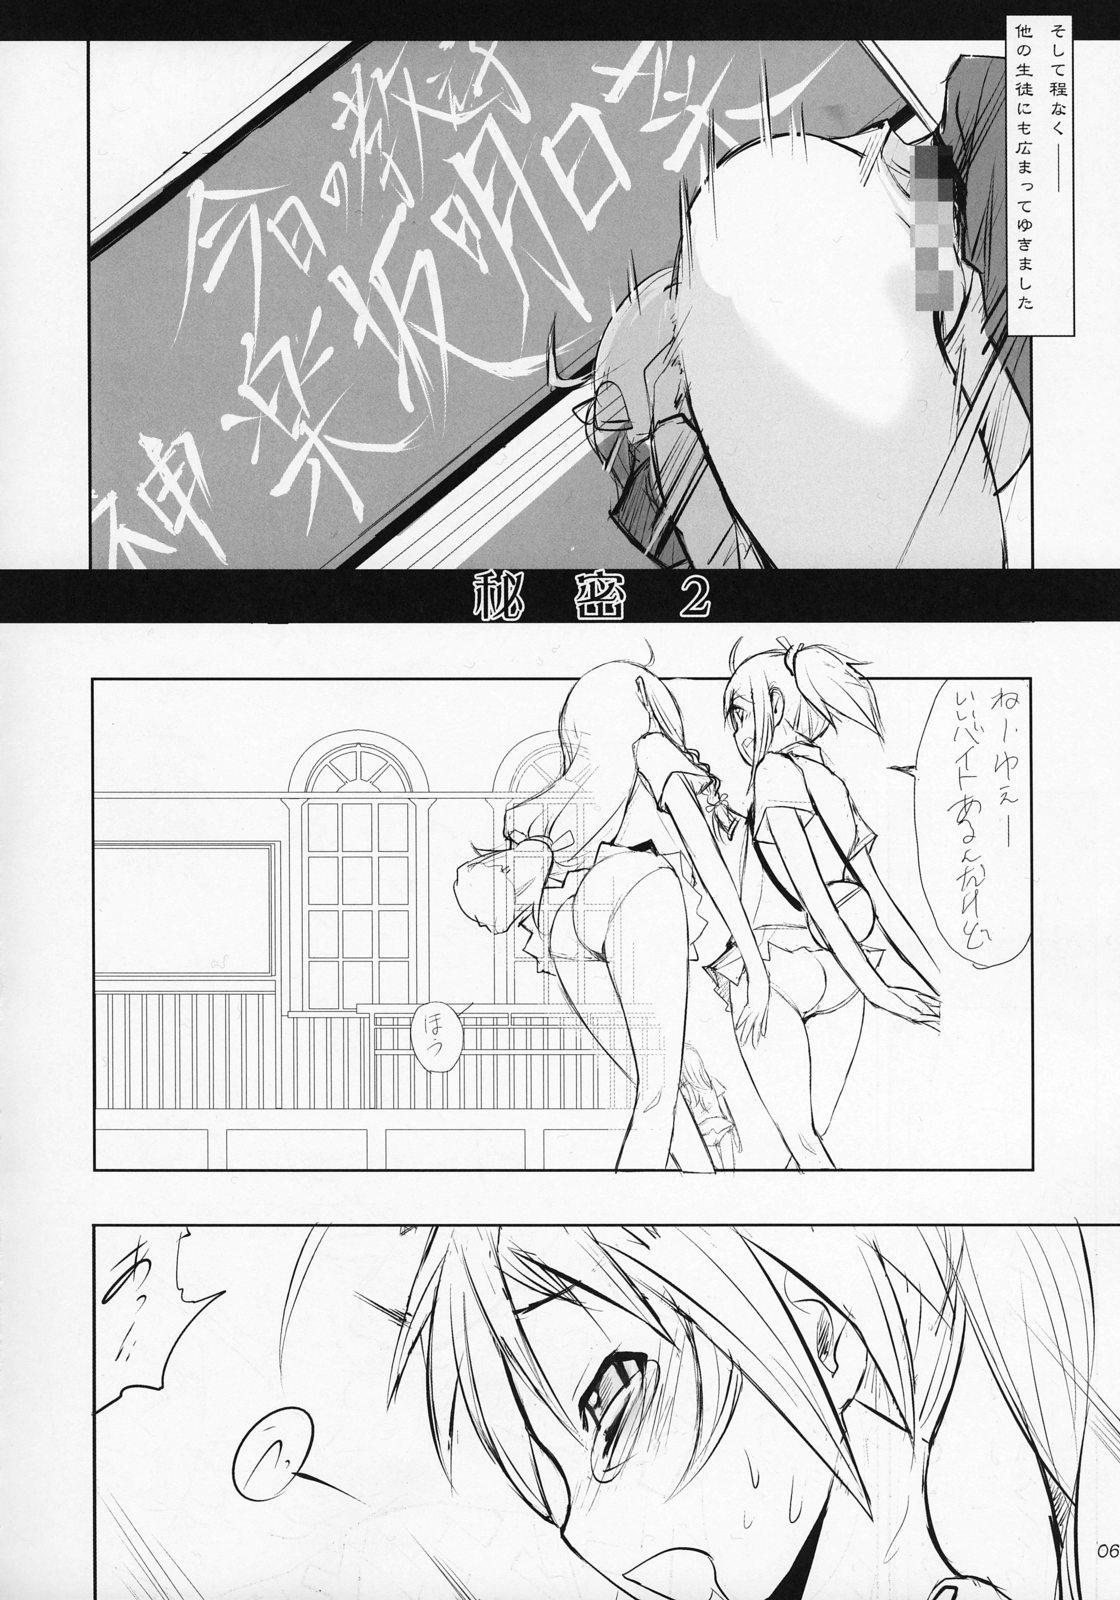 Ayase Yue to Miyazaki Nodoka no Chijou. 4